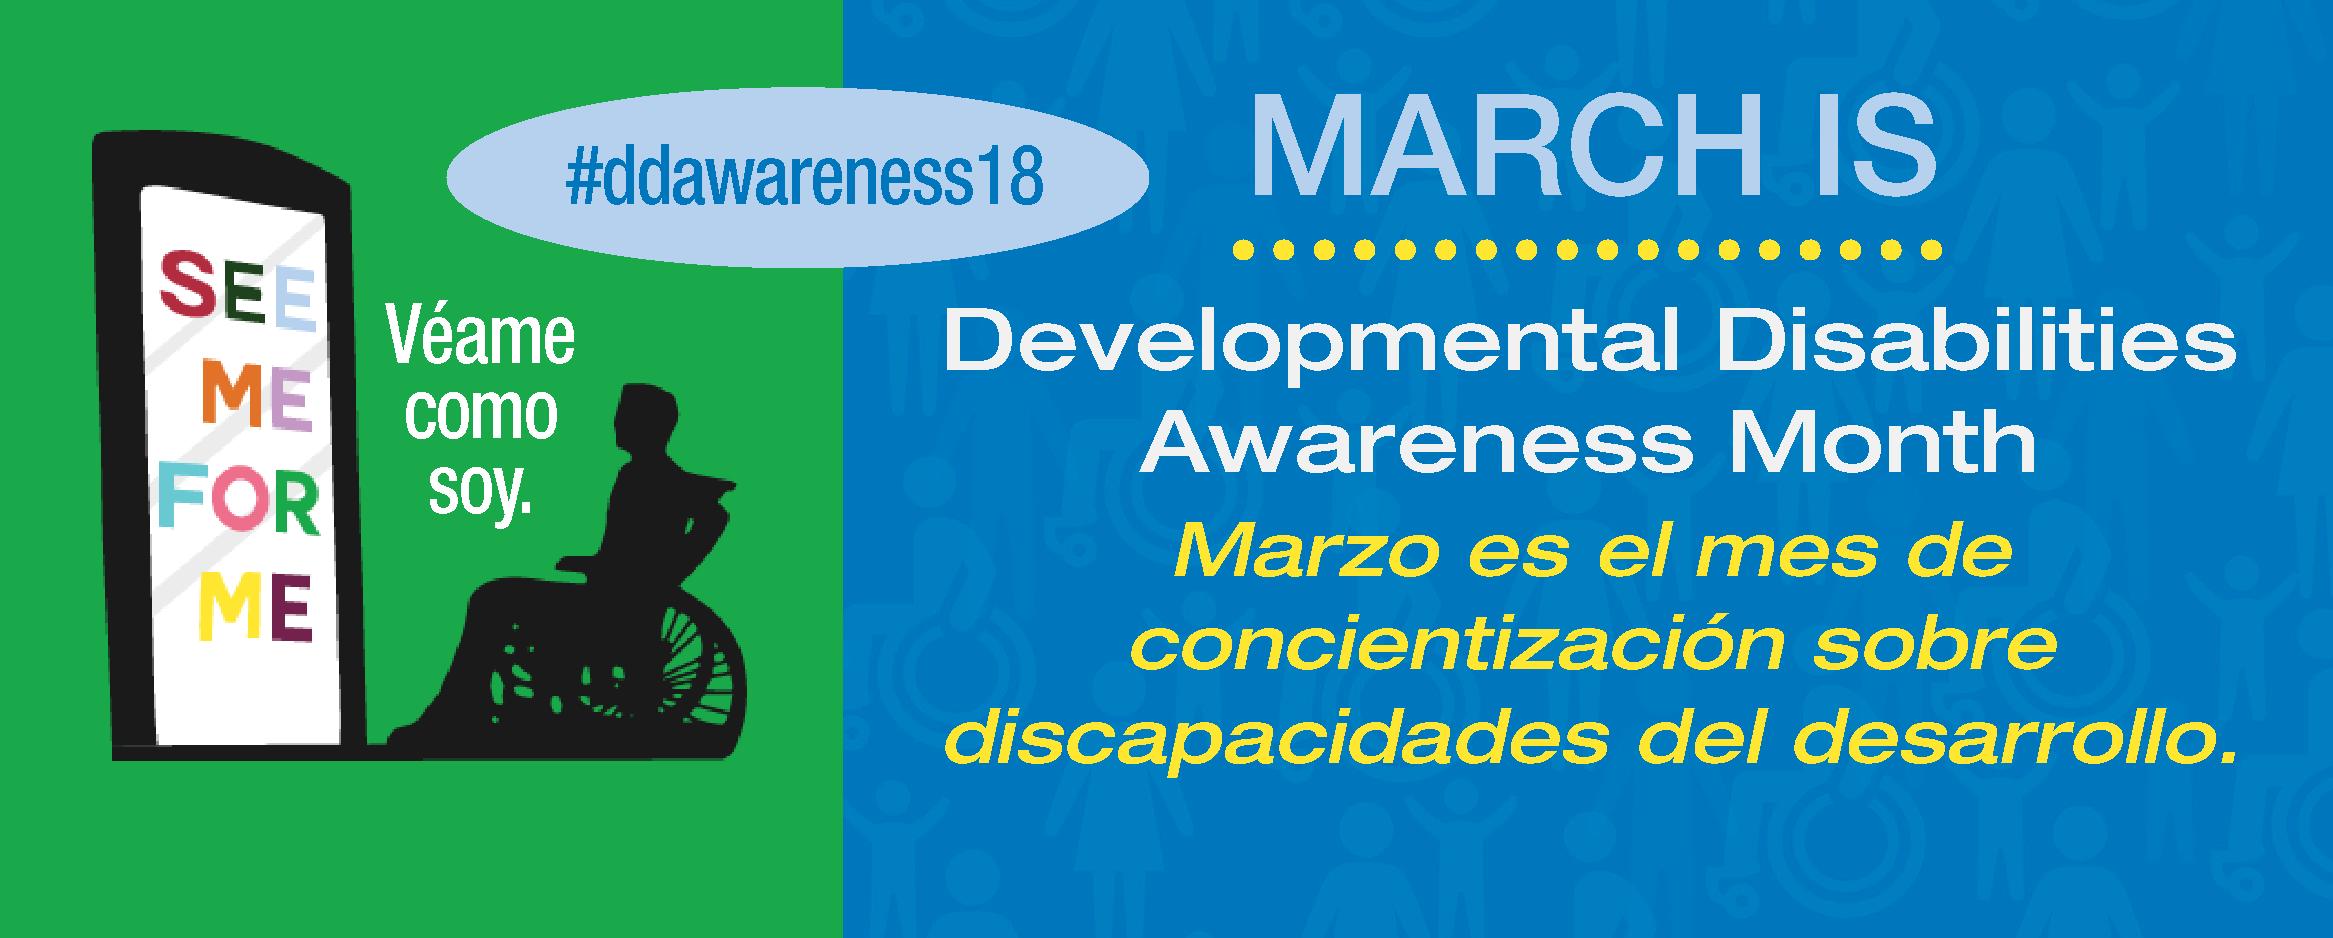 March is Developmental Disabilities Awareness Month! See Me For Me. Marzo es el mes de concientización sobre discapacidades del desarrollo. Véame como soy. #ddawareness18